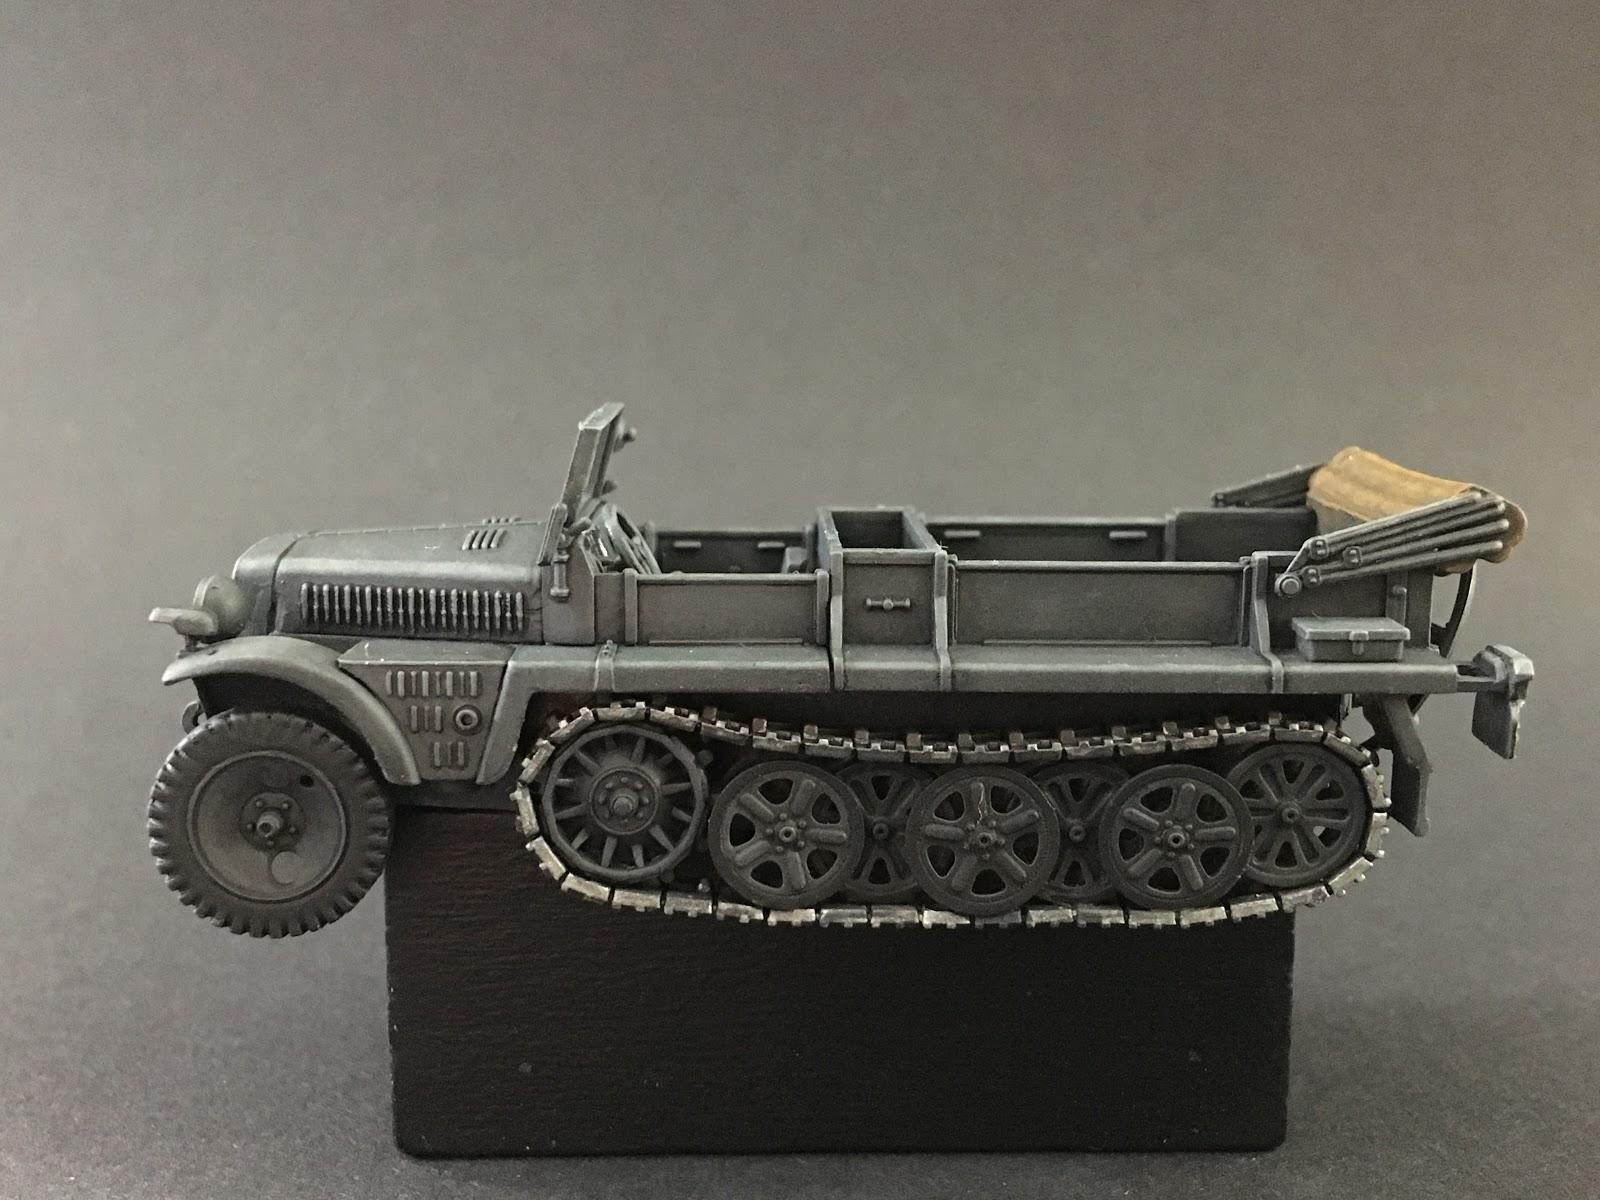 NEU! Special Hobby 1:72 72021 Sd.kfz.10 Zugkraftwagen 1t Demag D7